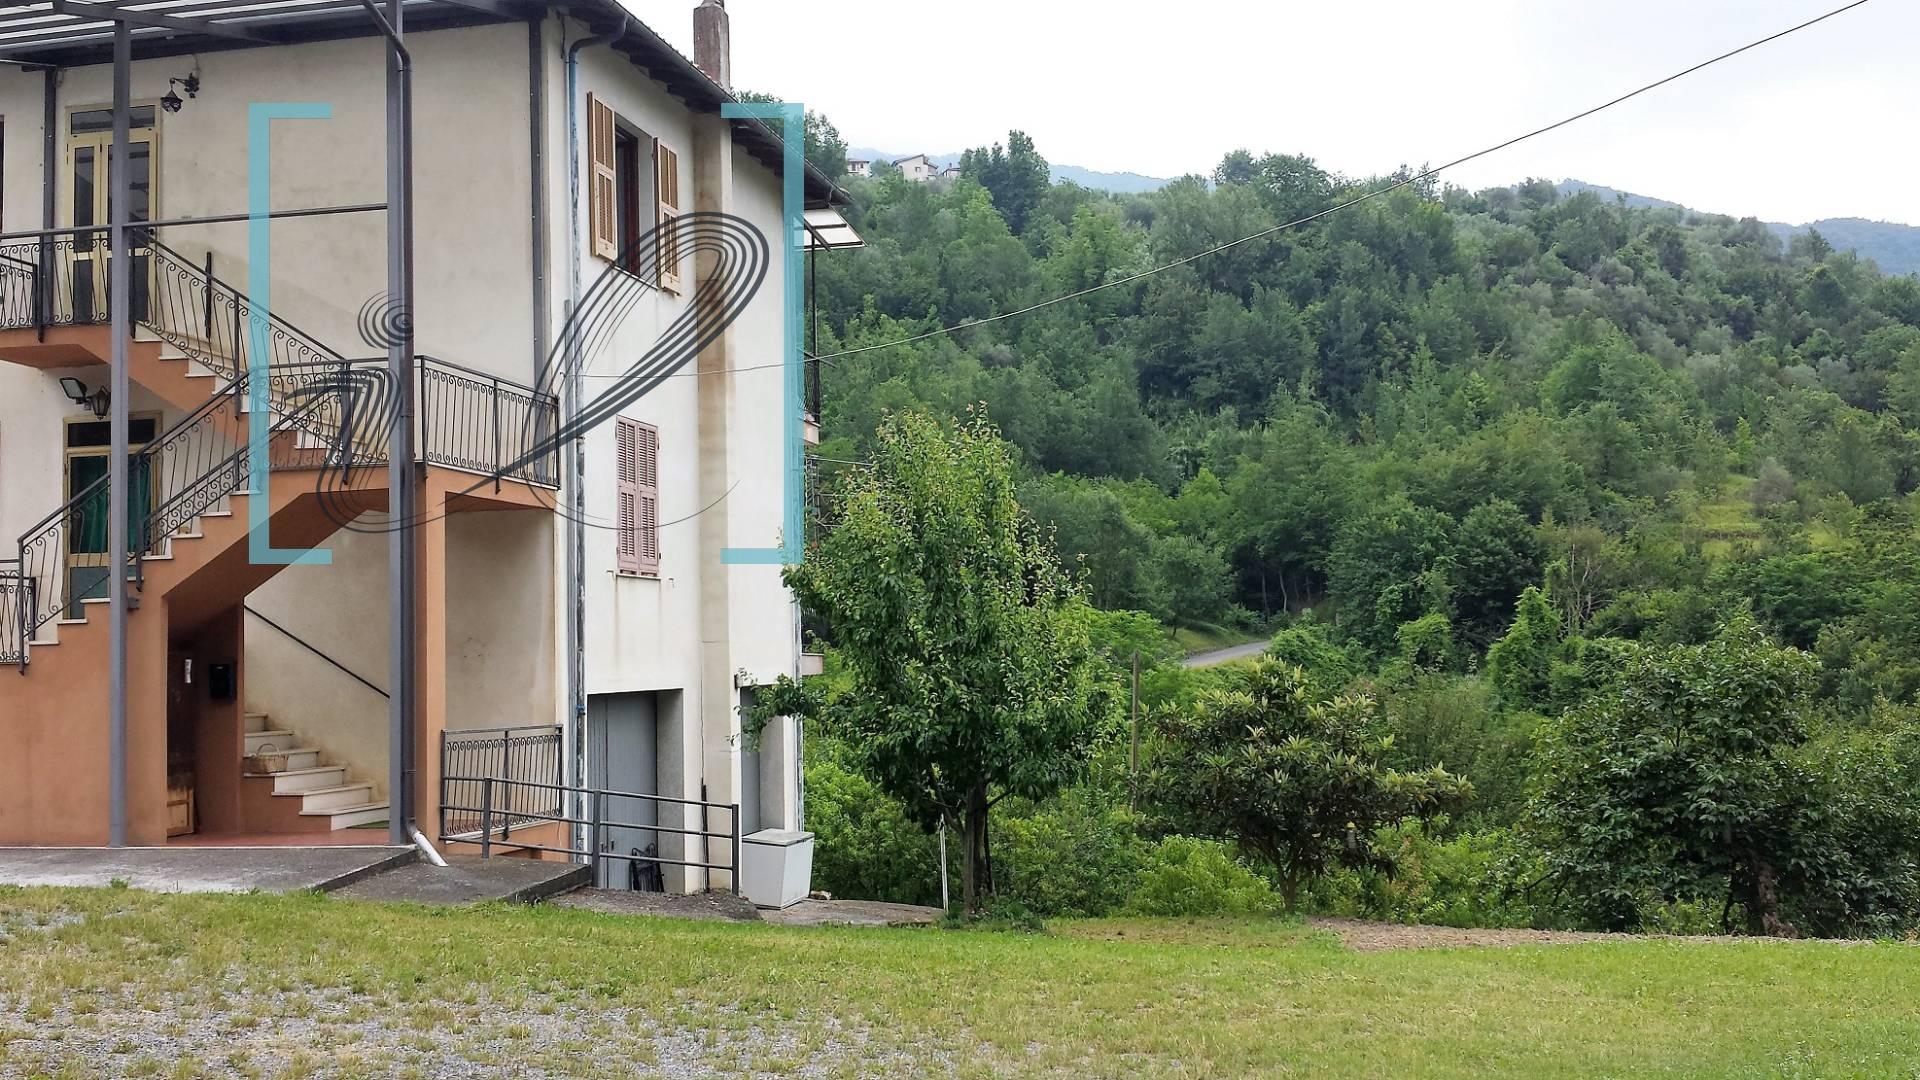 Appartamento in vendita a Pornassio, 5 locali, zona Zona: Ponti, prezzo € 80.000 | Cambio Casa.it